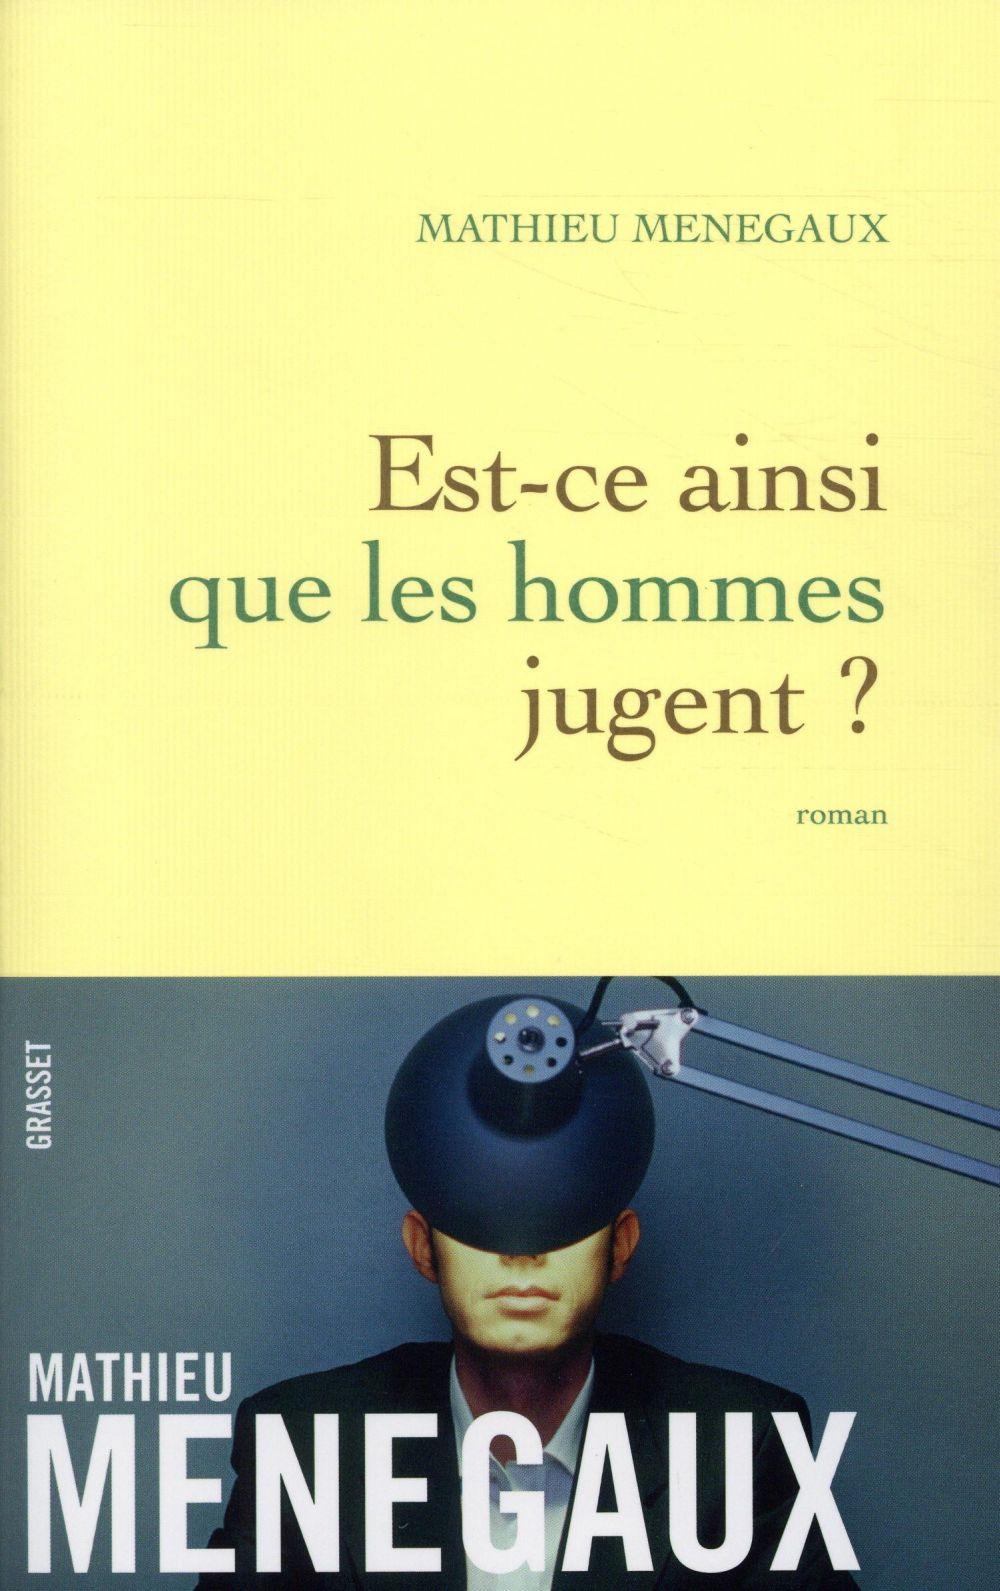 EST-CE AINSI QUE LES HOMMES JUGENT ? - ROMAN